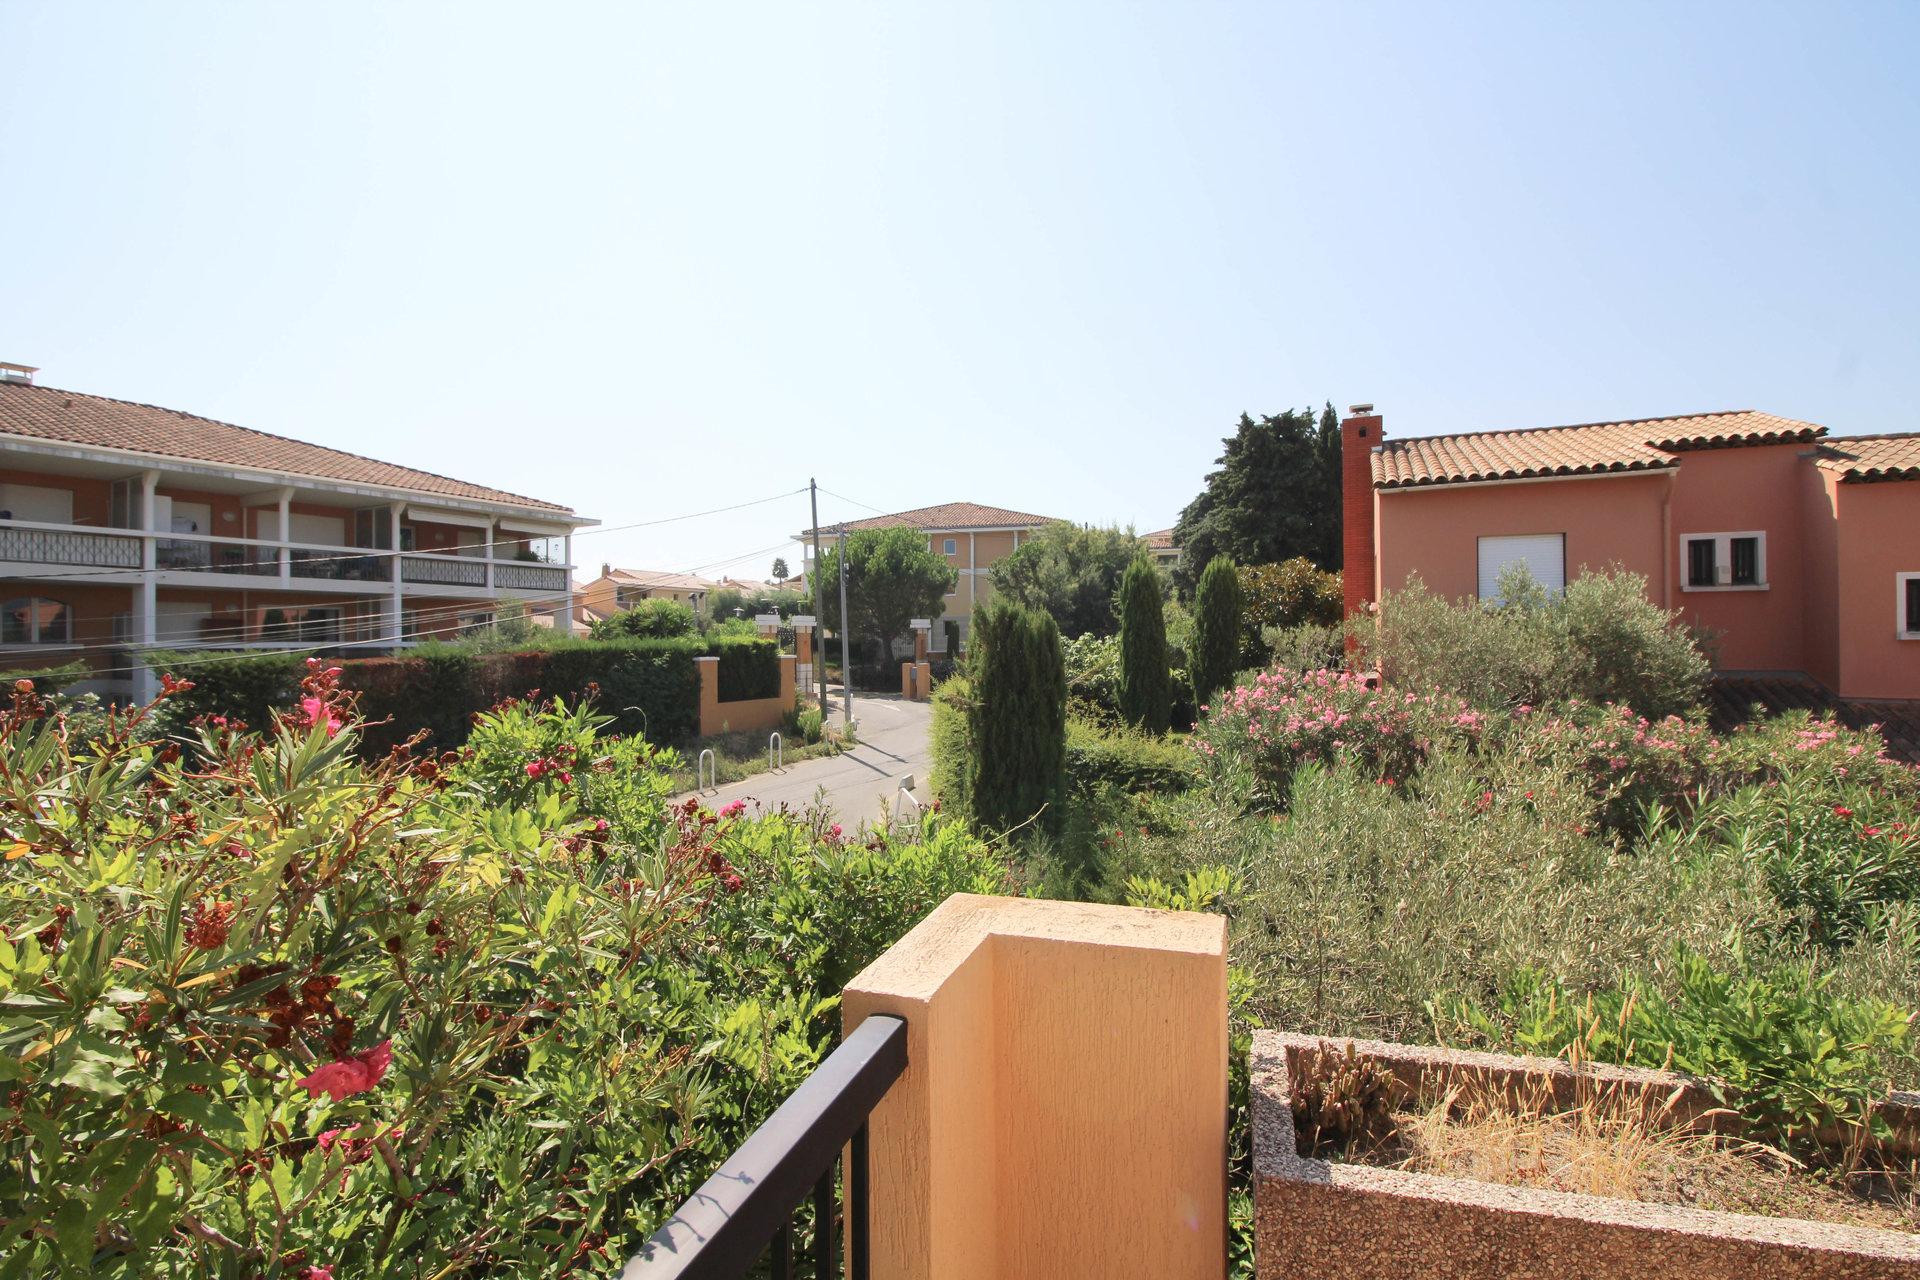 Maison, Cannes, croix des gardes, terrasse, parking